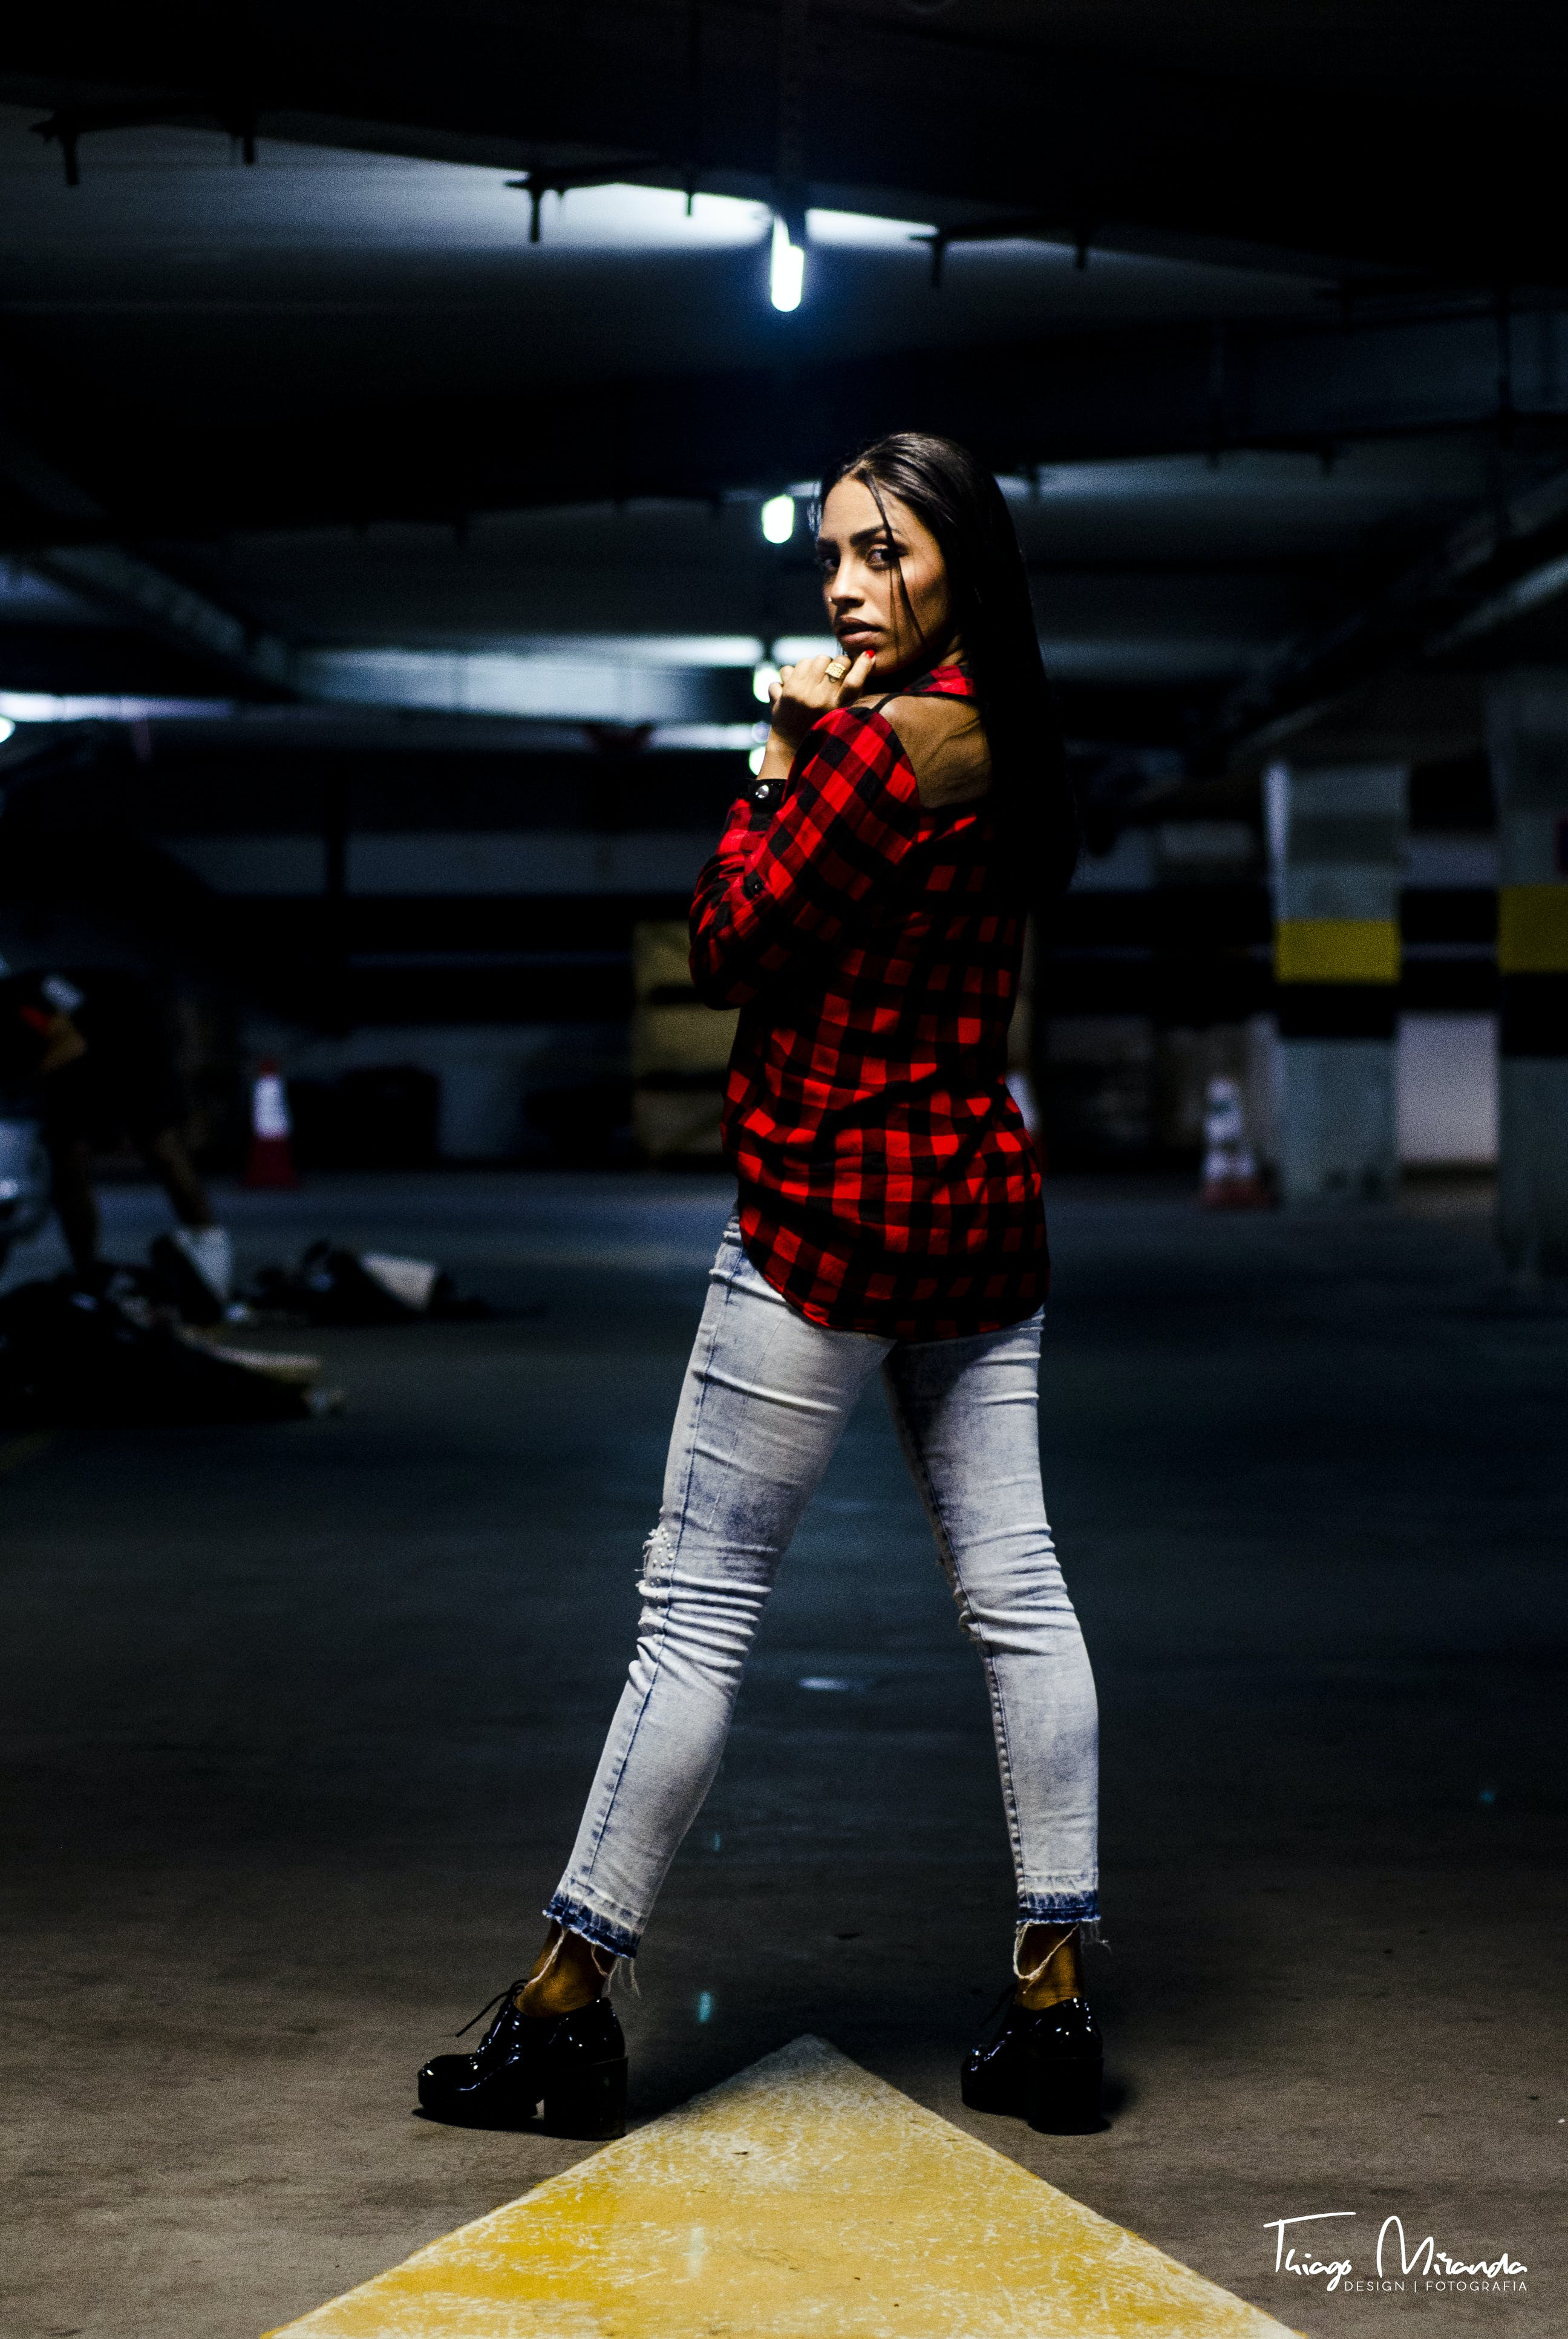 Free stock photo of 50mm, beautiful, brazilian woman, fahsion